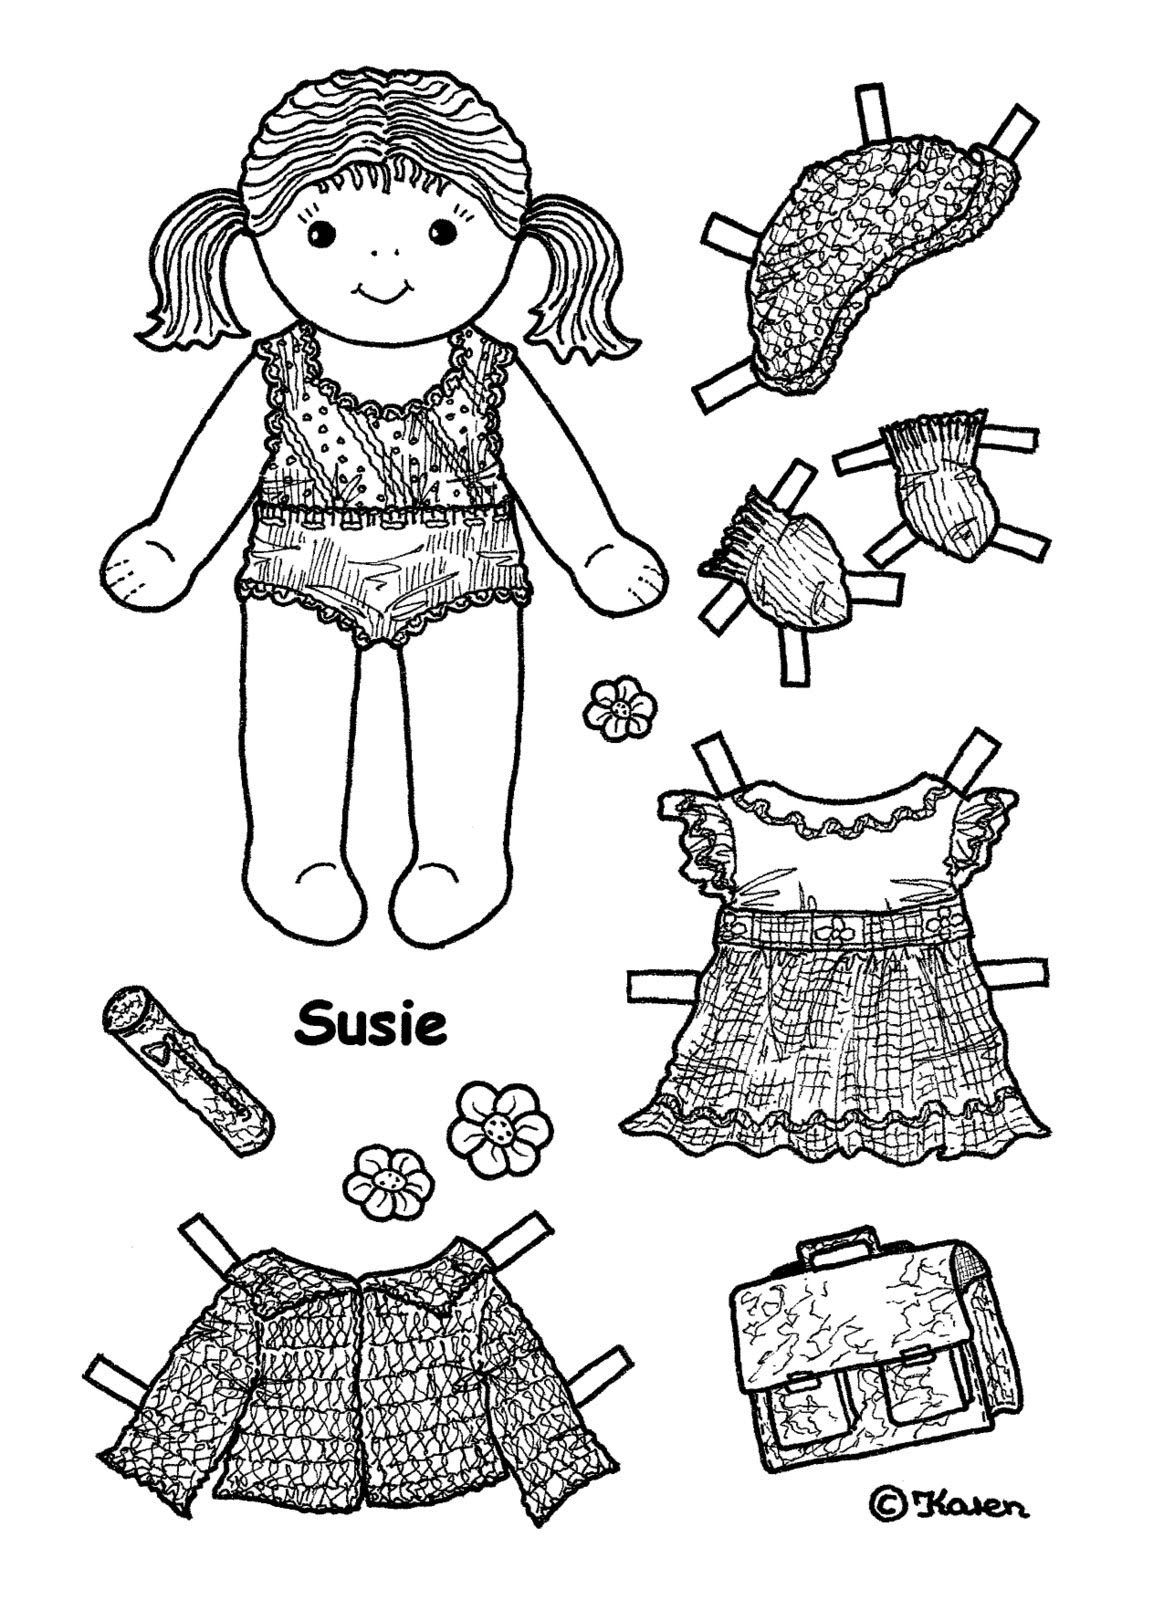 SUSIE from Karen s Paper Dolls